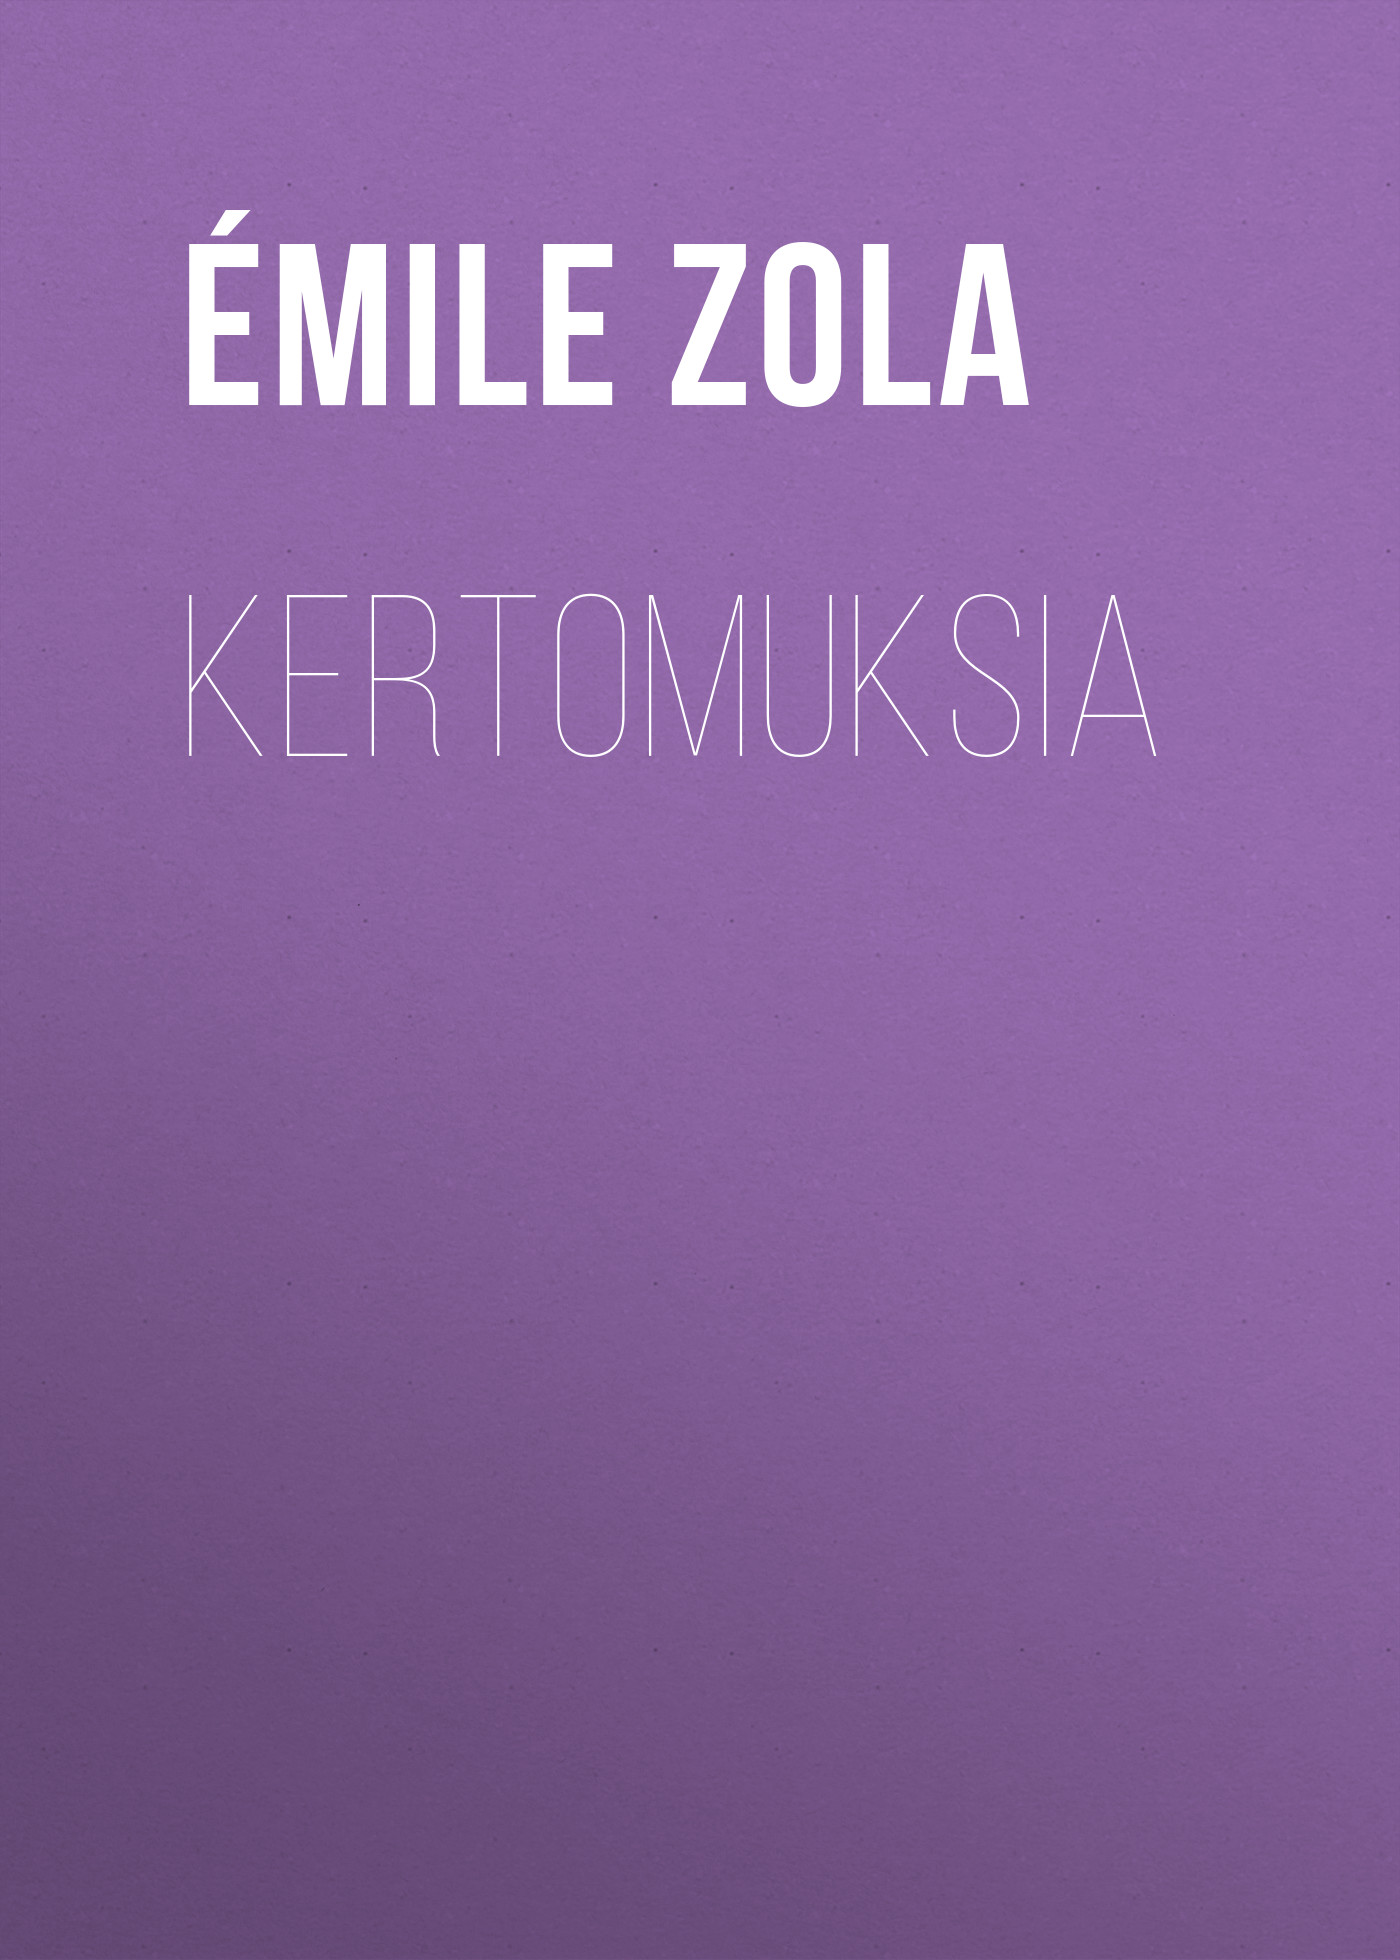 Эмиль Золя Kertomuksia самый быстрый способ выучить немецкий язык мои первые 1000 немецких слов